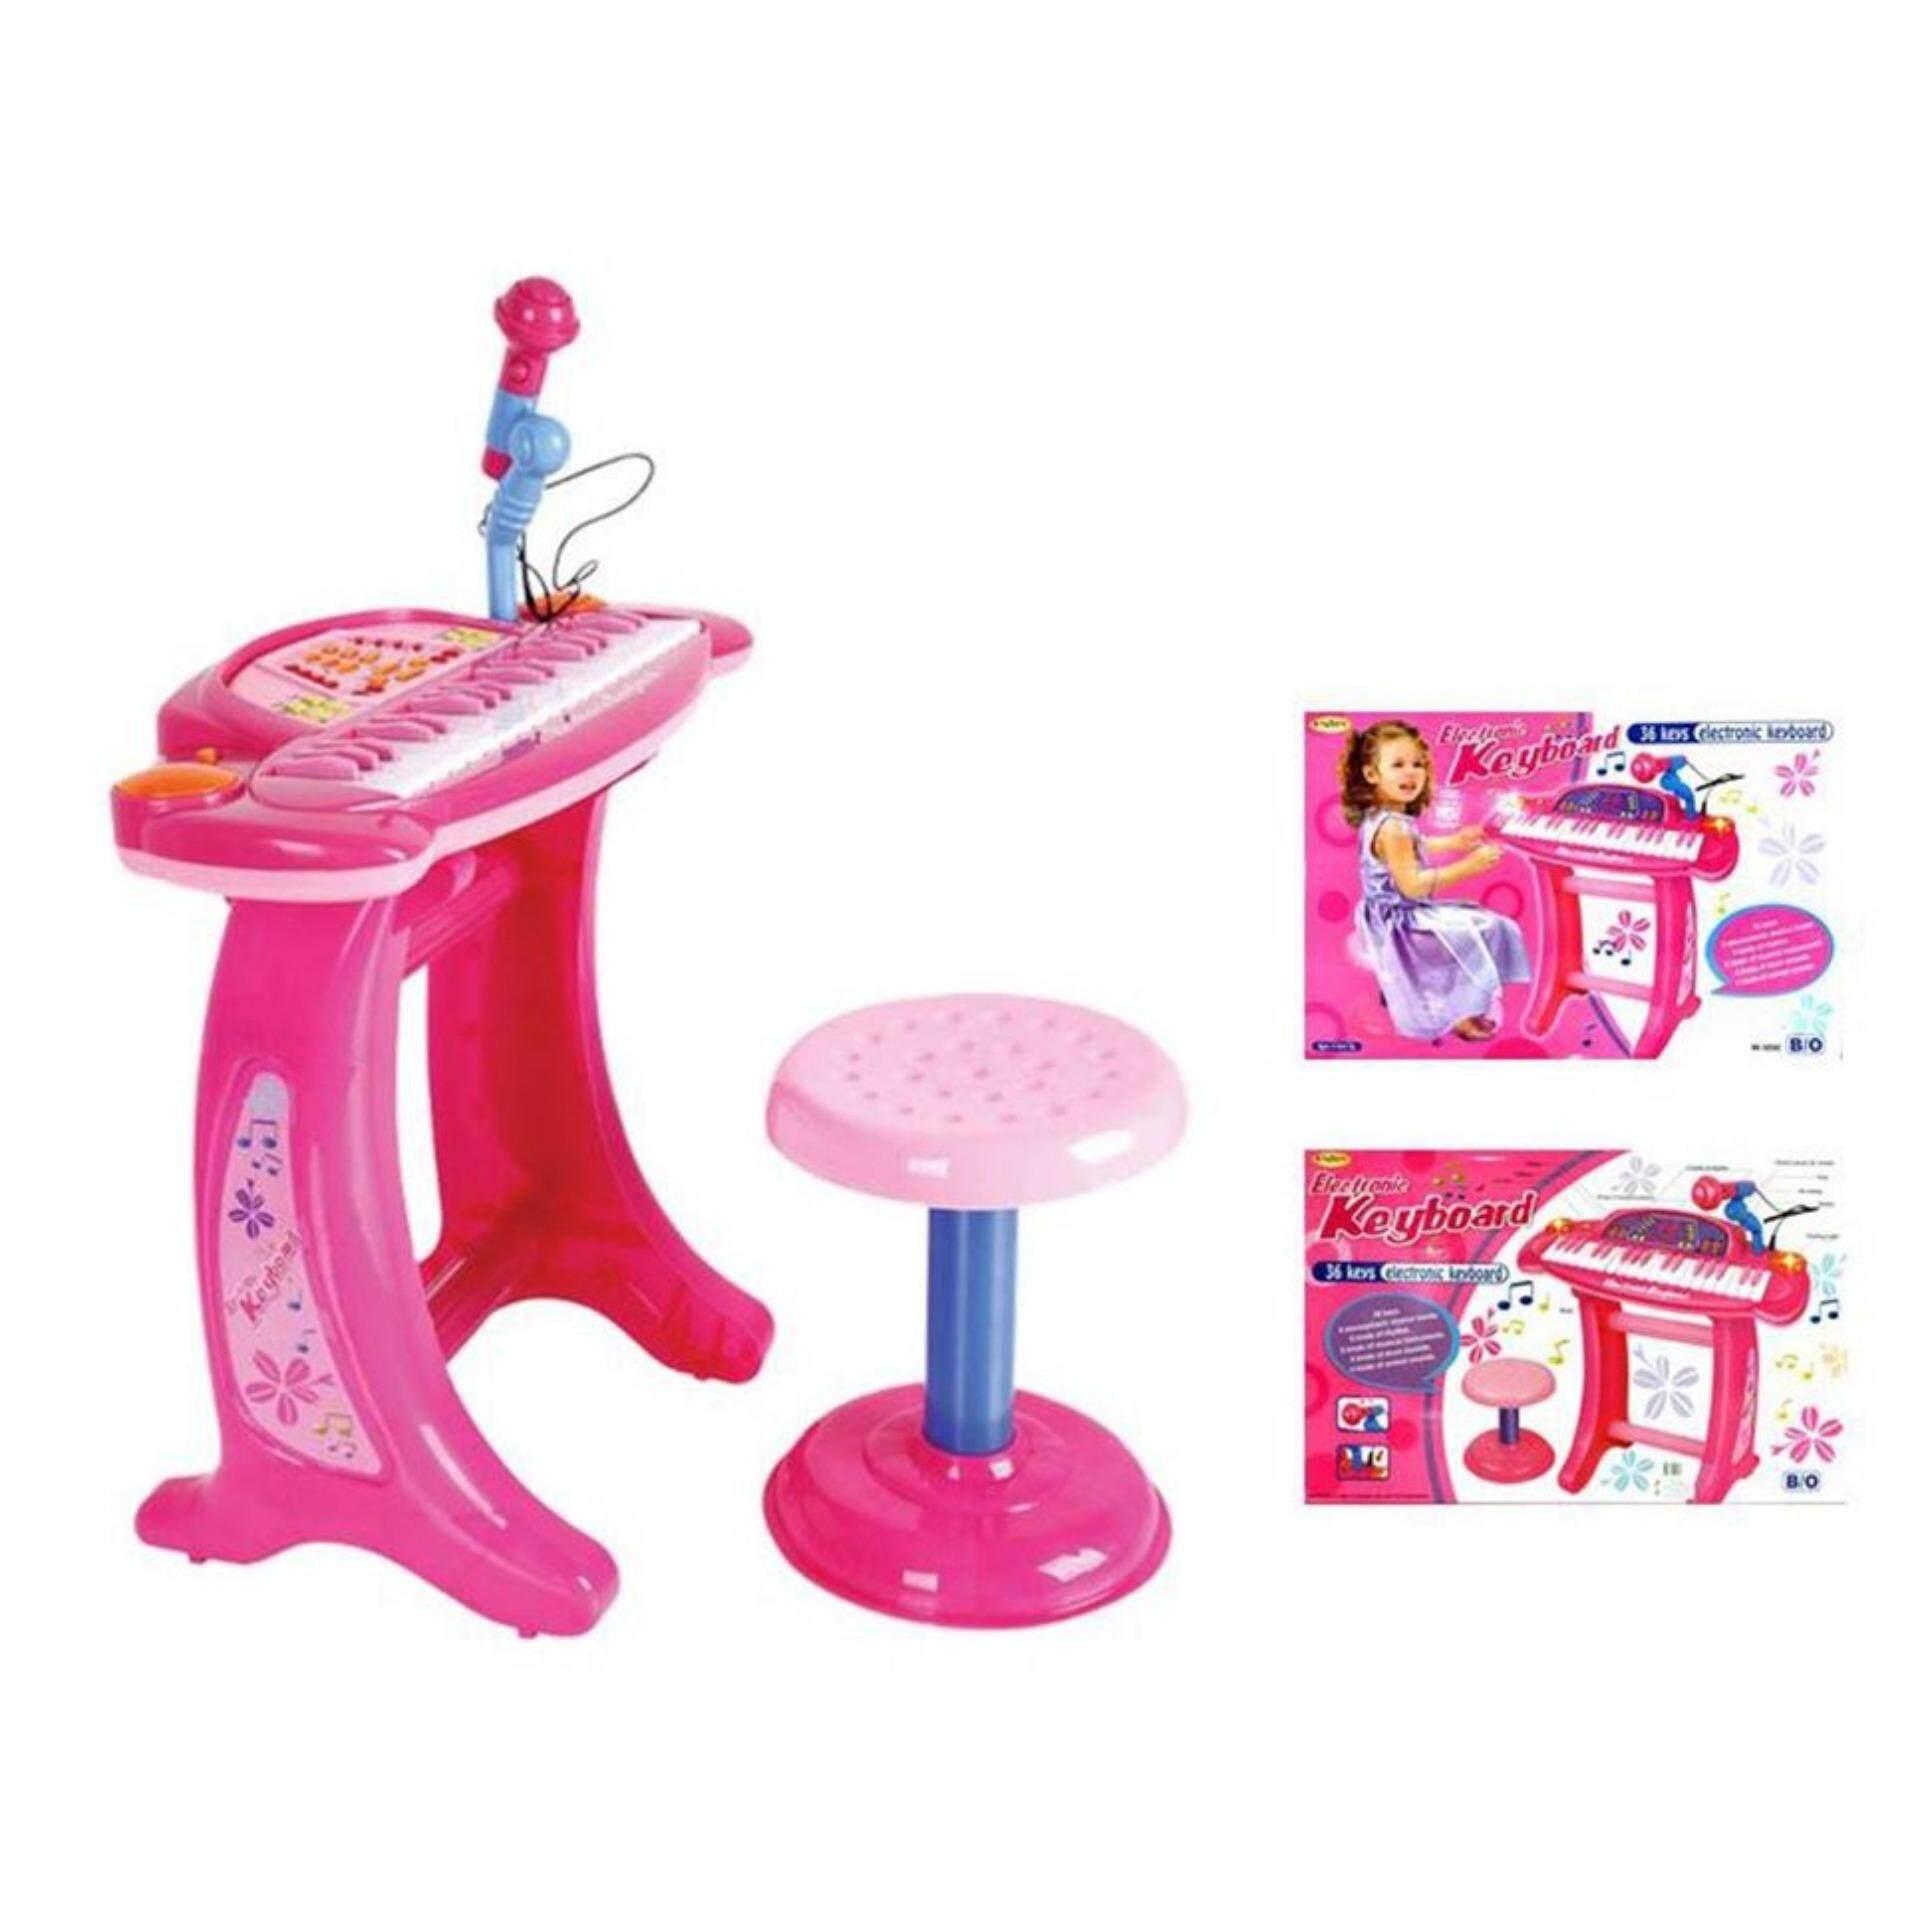 อิเลคโทรนิค คีย์บอร์ด 36 คีย์ + ไมค์ +เก้าอี้ By K Toy Club.